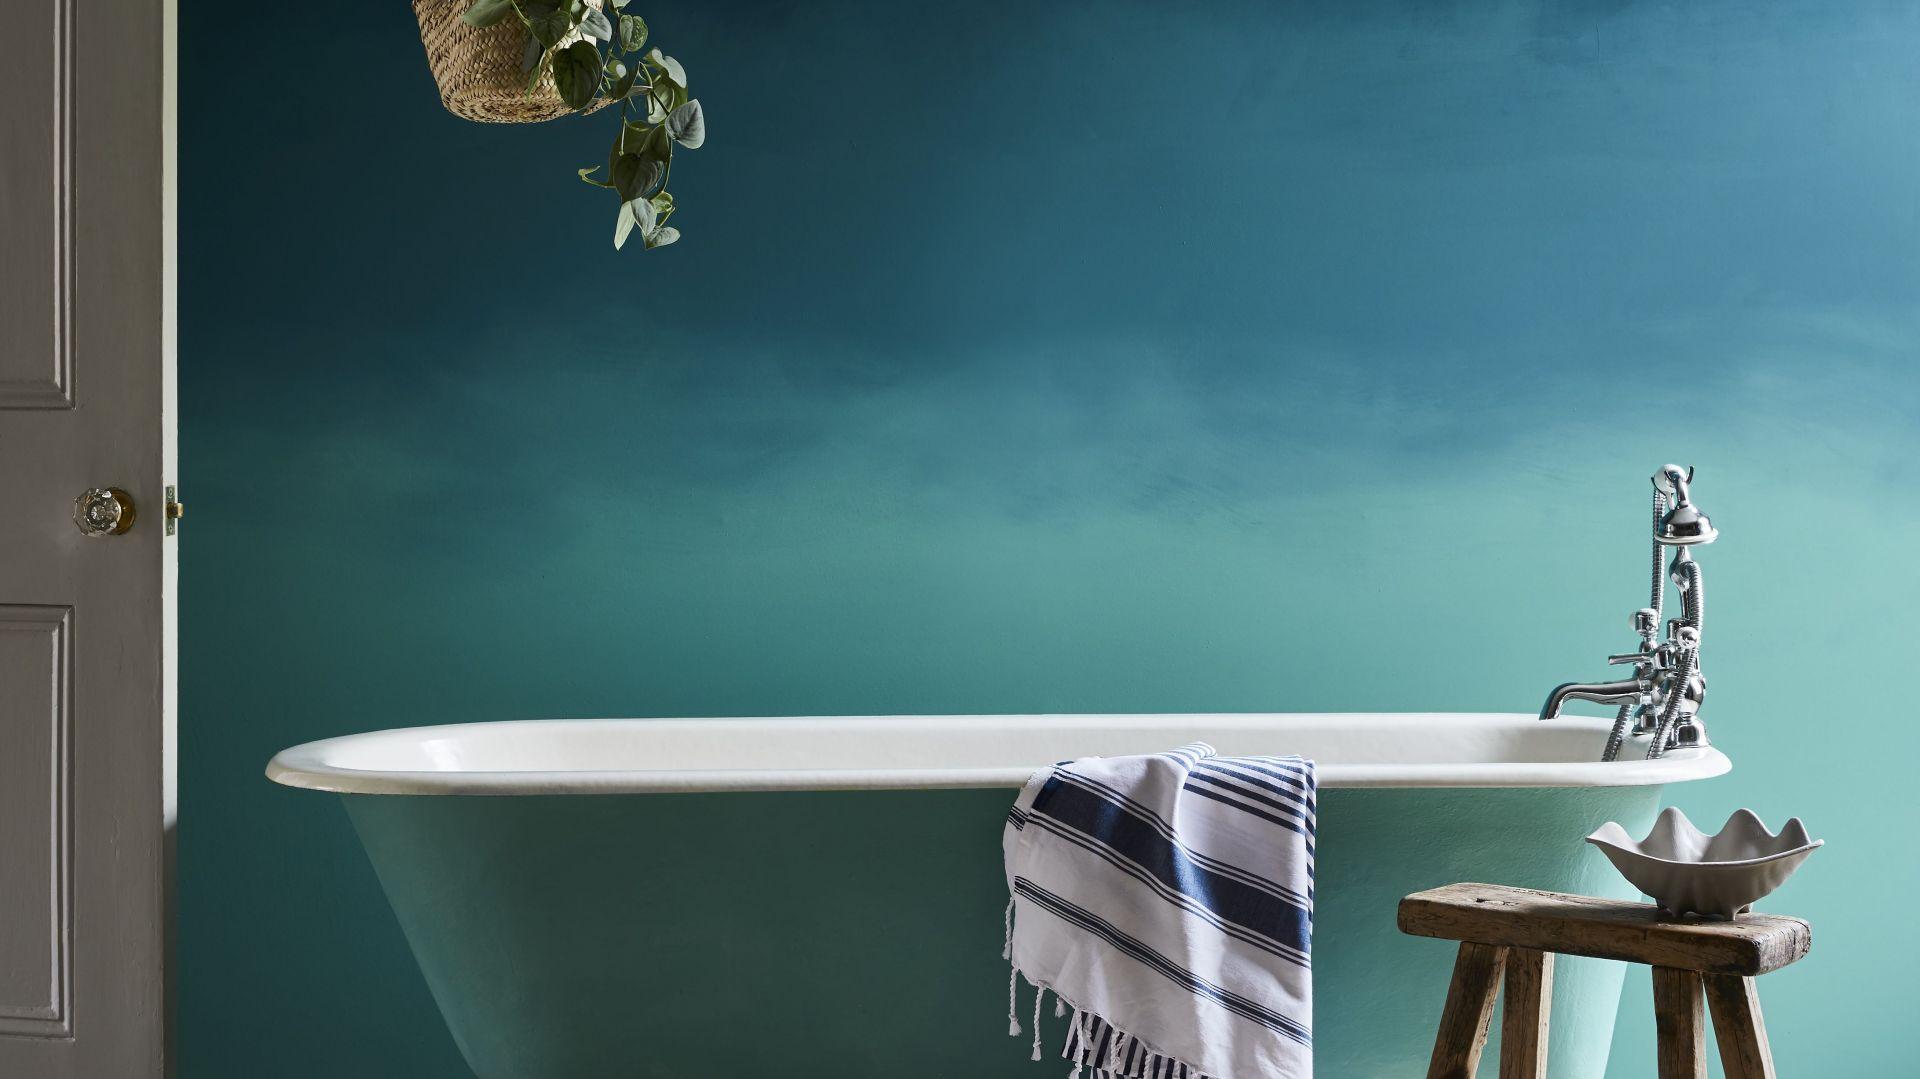 Łazienka ombre to efekt połączenia dwóch odcieni Chalk Paint™ : ciemniejszego Aubusson Blue i jaśniejszego Provence. Fot. Annie Sloan